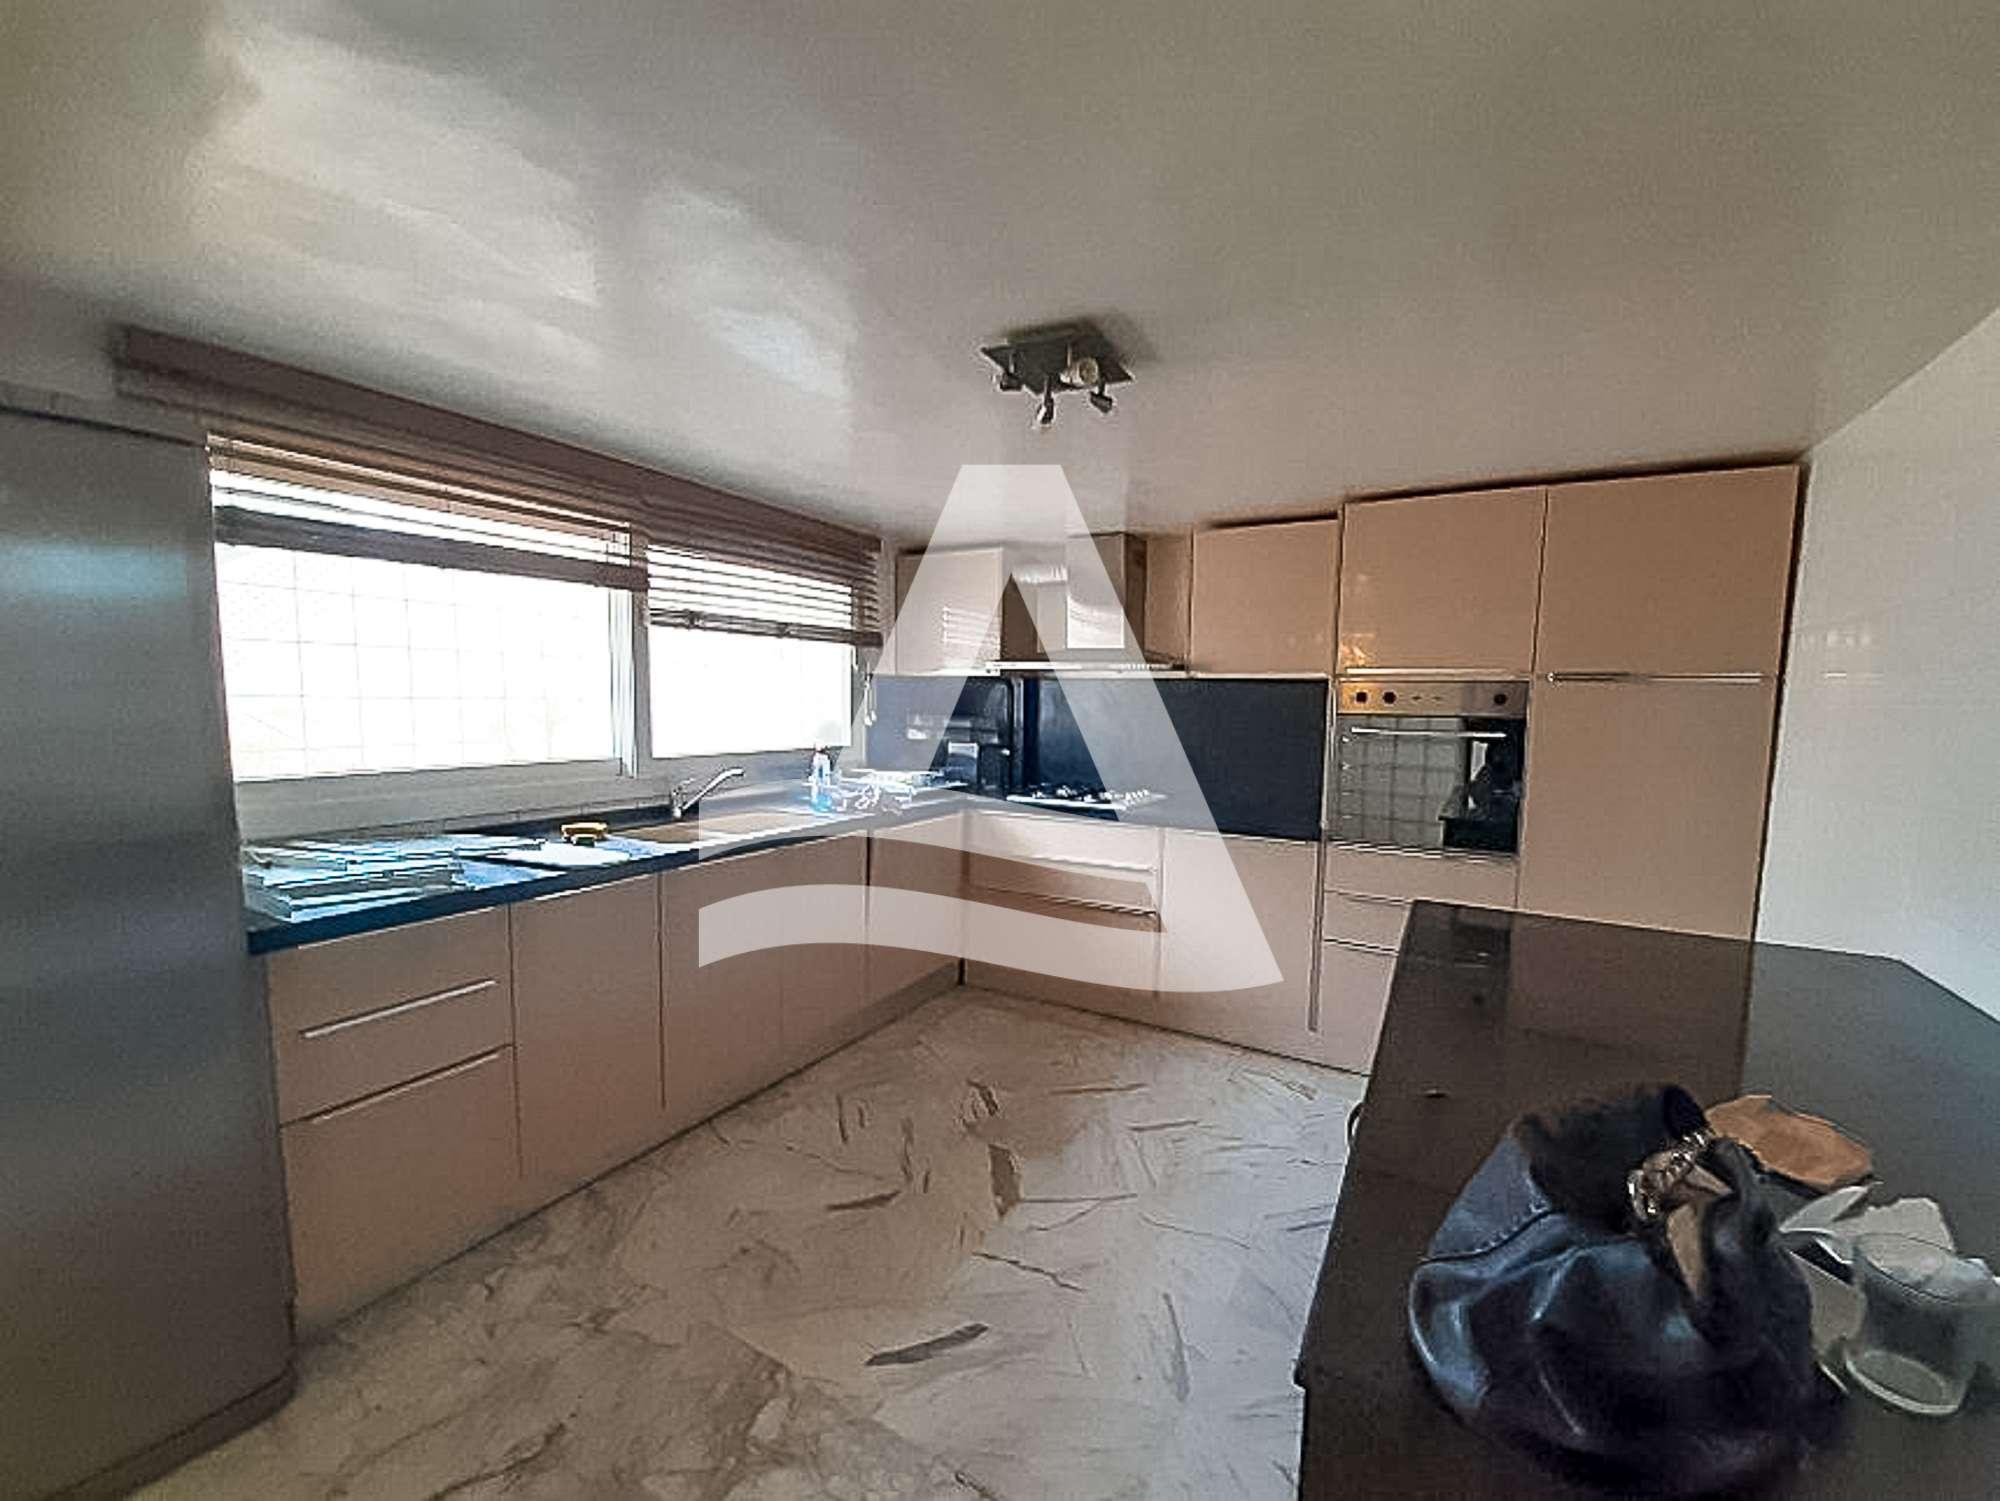 httpss3.amazonaws.comlogimoaws2265691811621933391_Arcane_immobilière_la_Marsa-_location_-_vente_la_marsa__-18_1578559453899-1